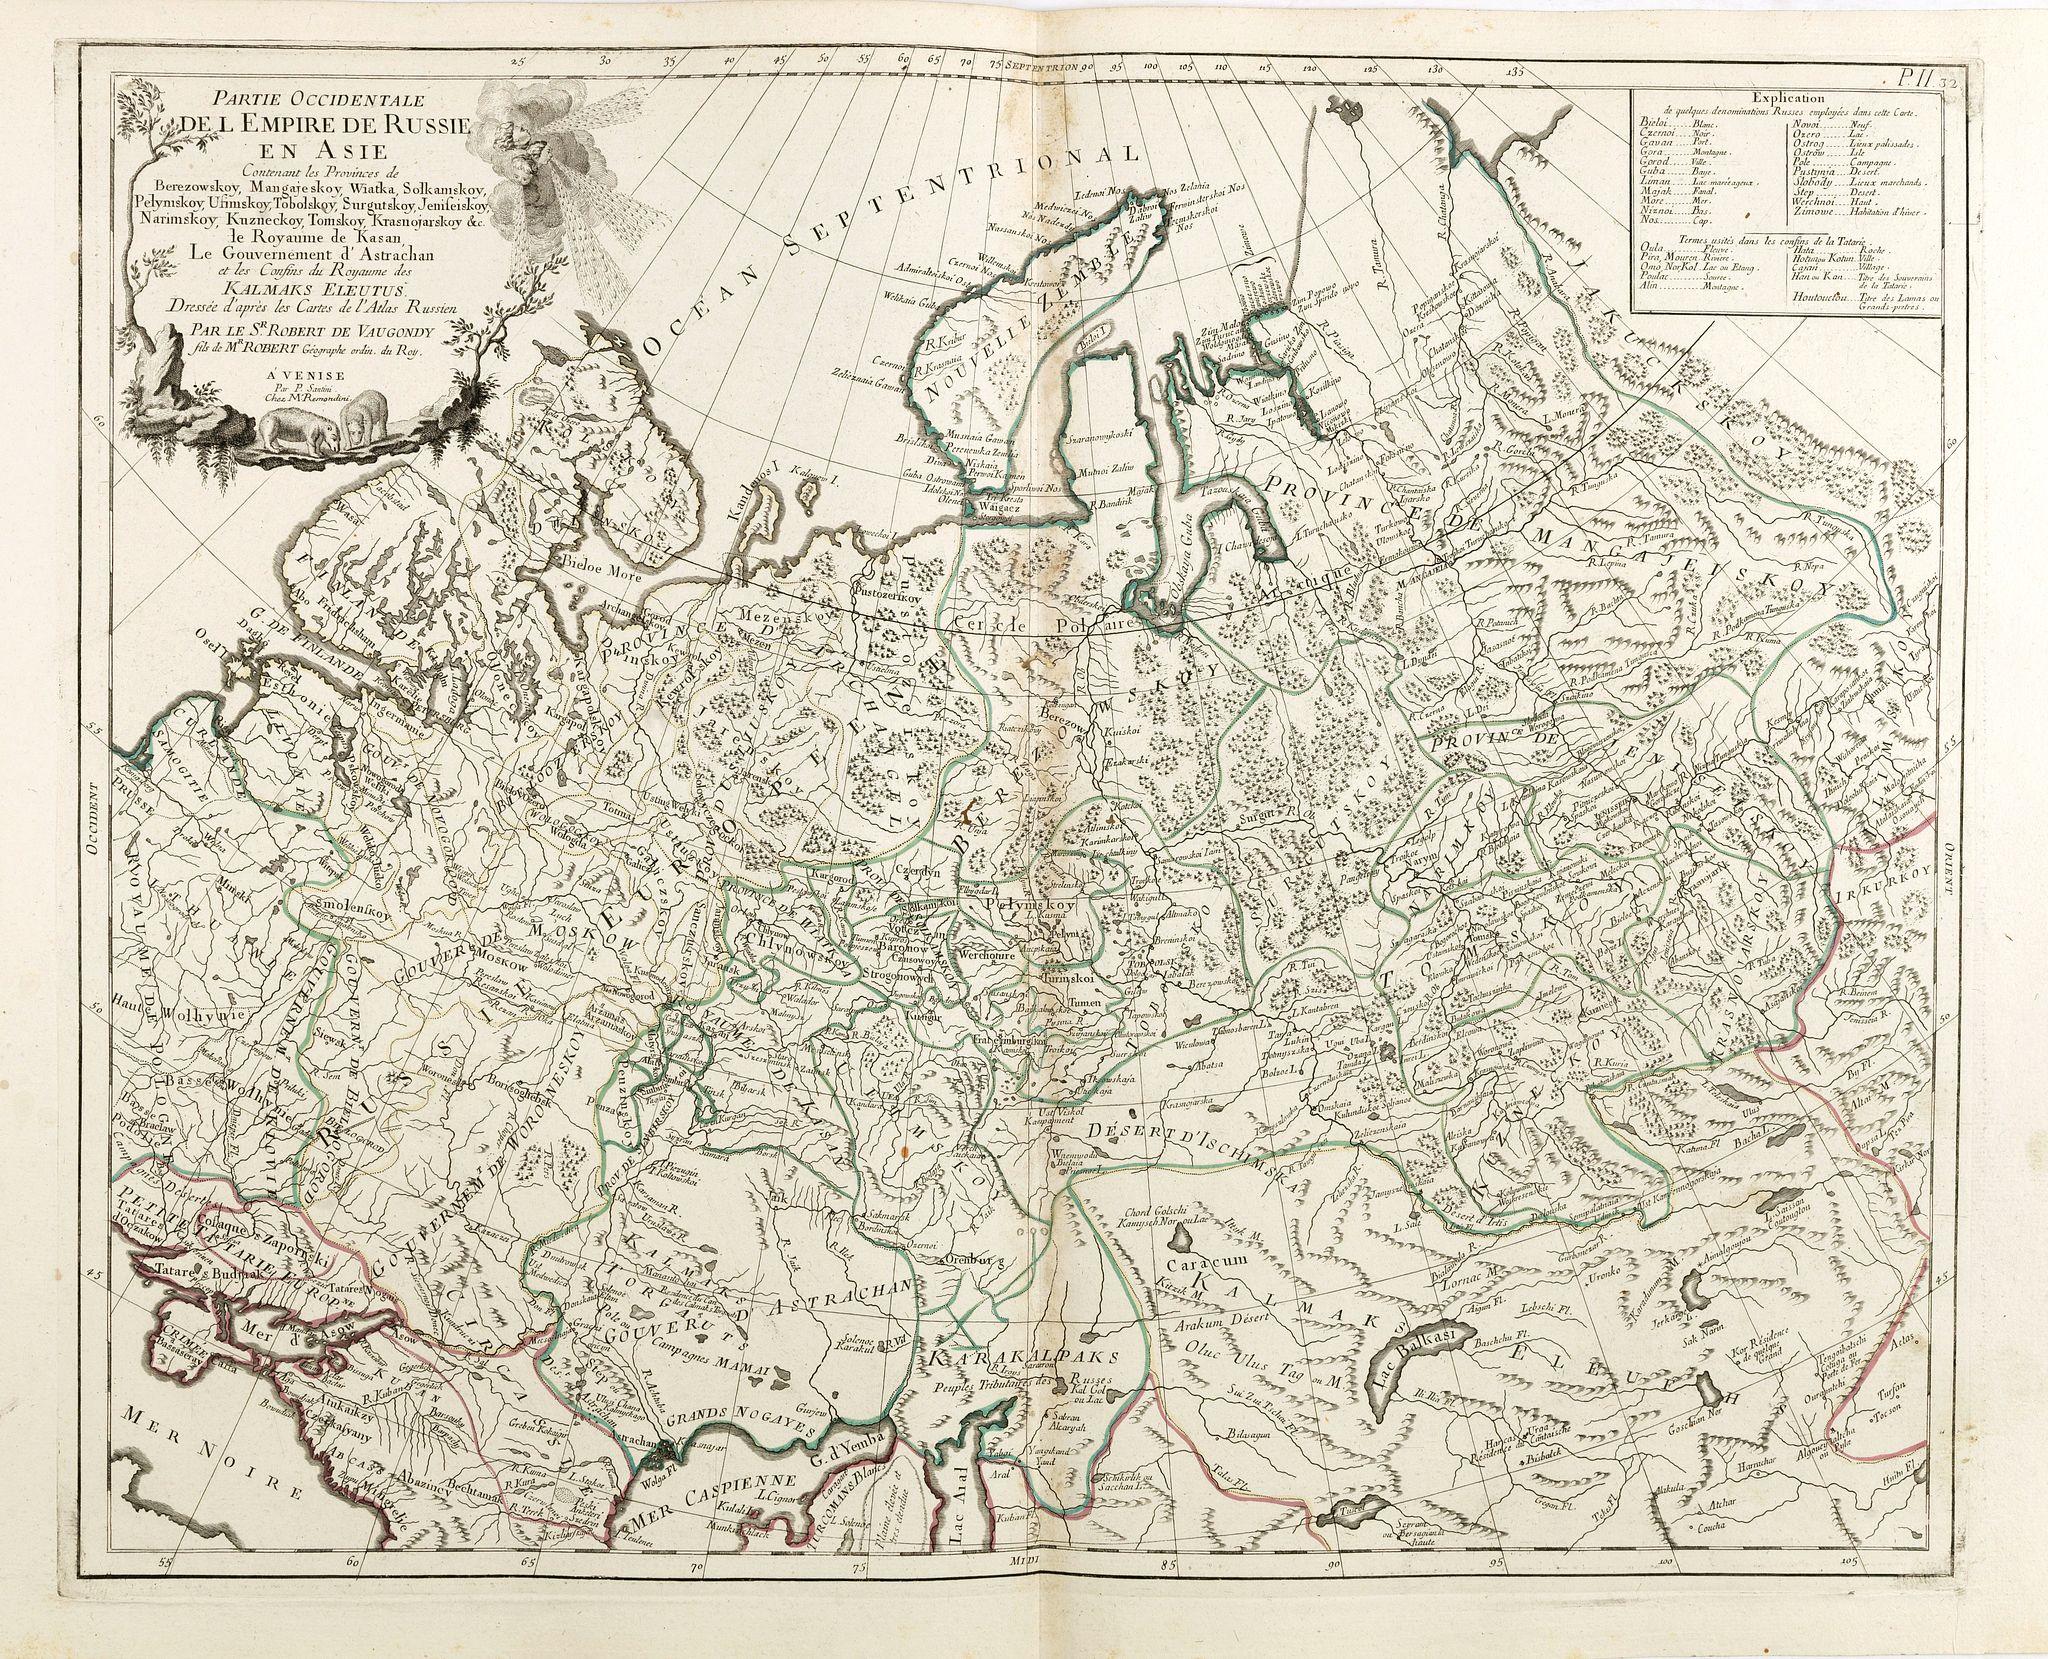 SANTINI, P. / REMONDINI, M. -  Partie Occidentale de l'Empire de Russie en Asie. . .